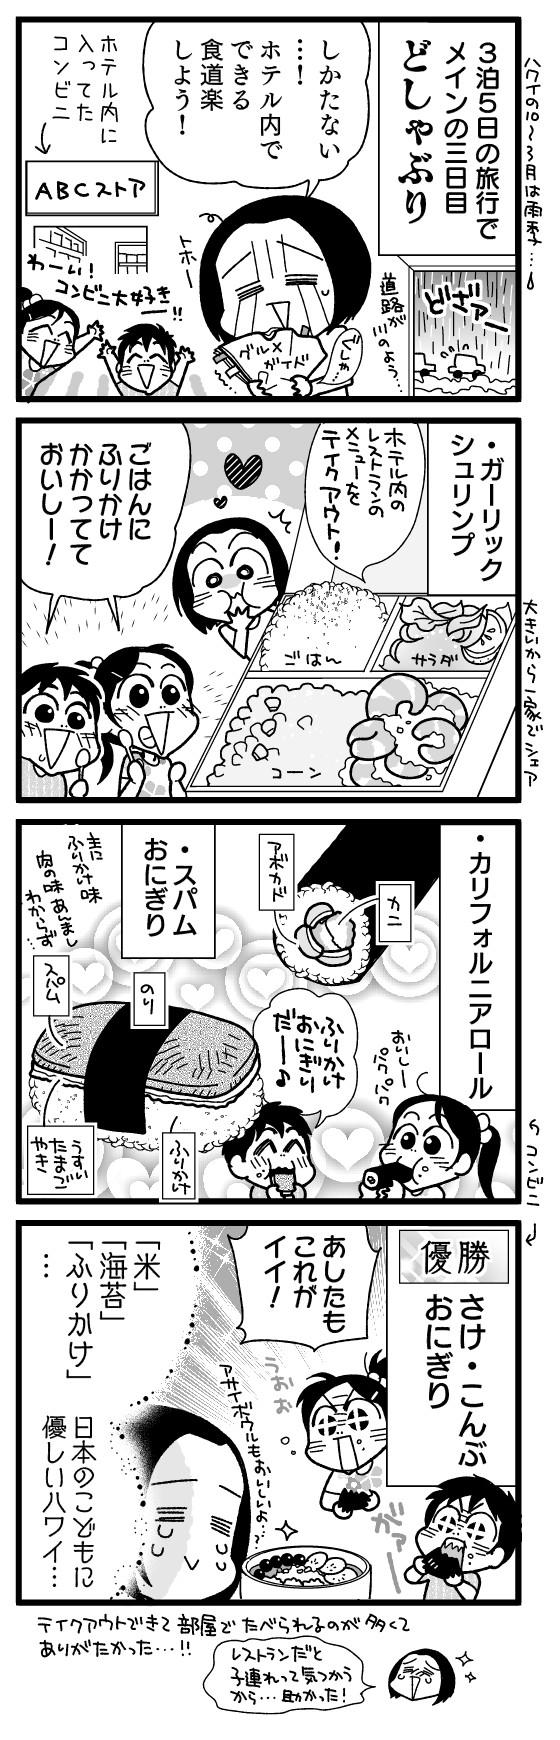 漫画『怒涛のにゅーじヨージ』Vol.192「子連れハワイってどーなの?③ごはん編」 1コマ目